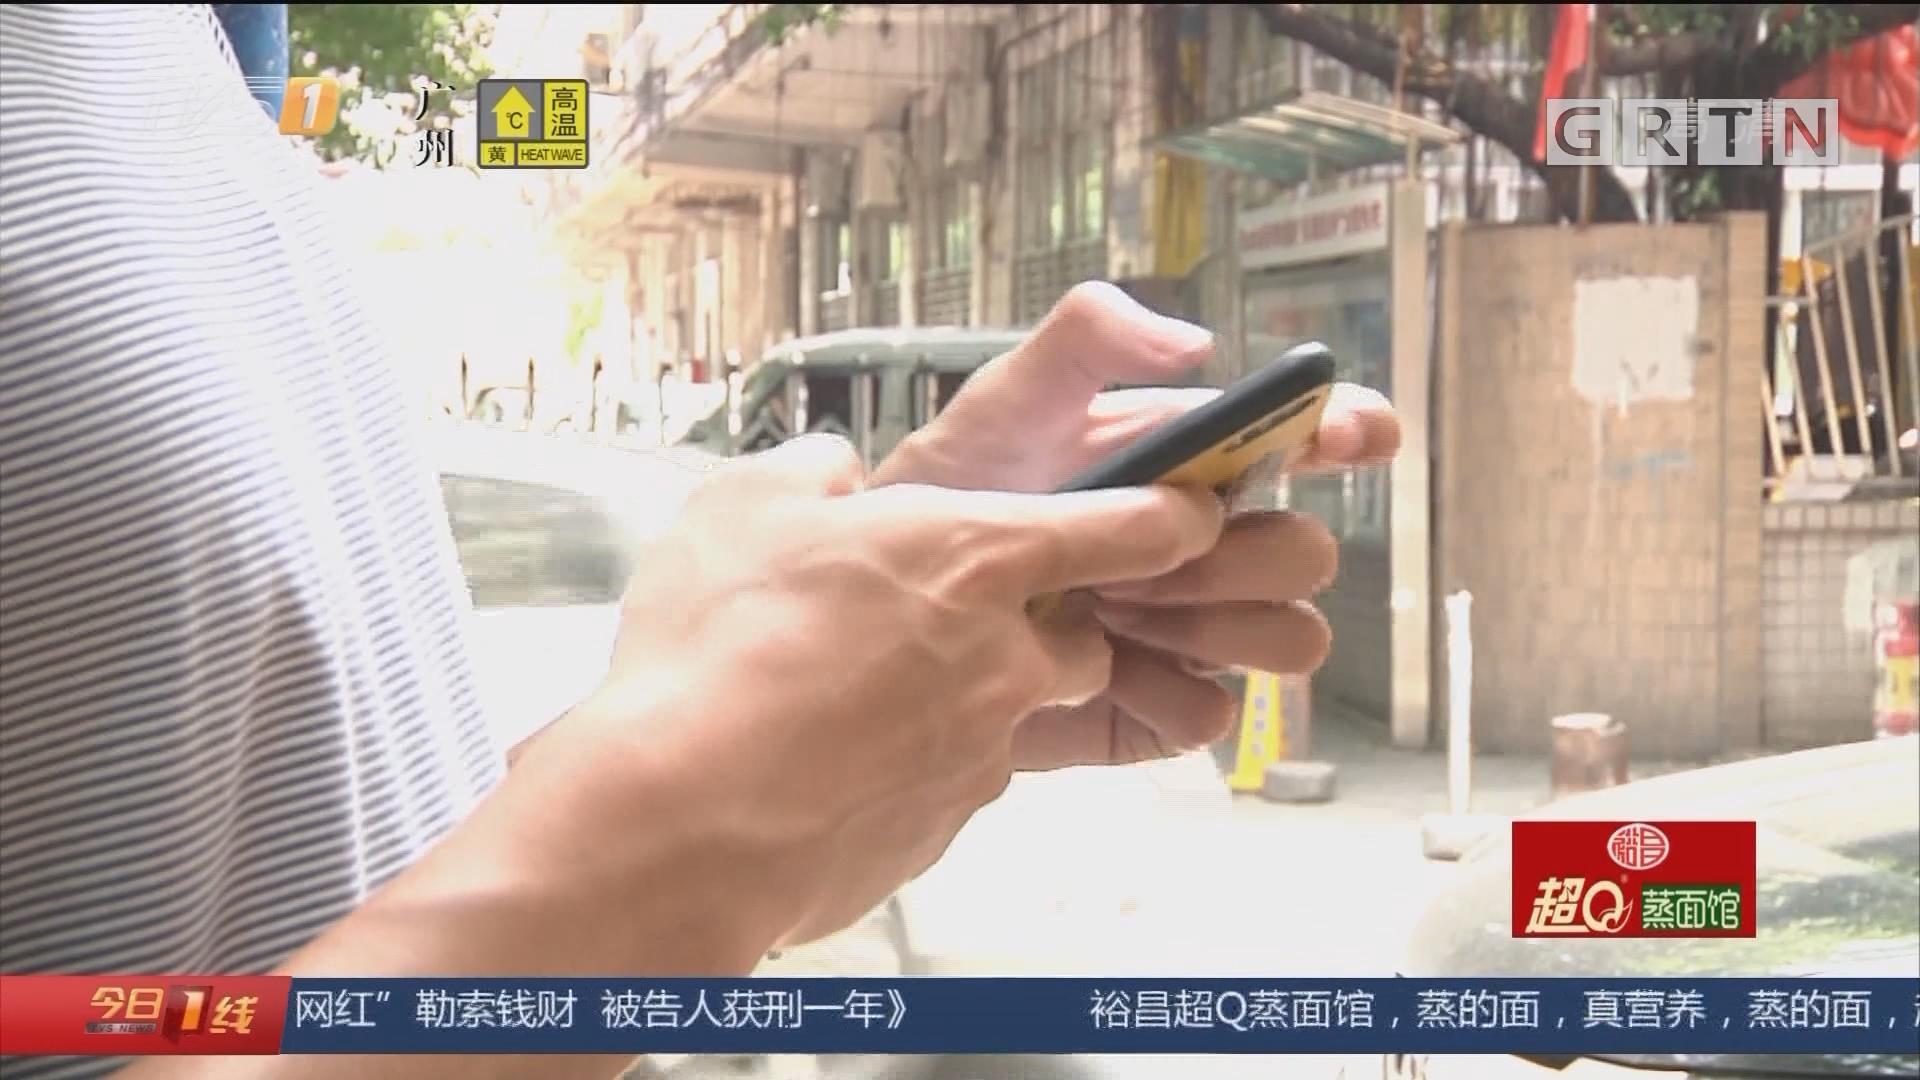 广州 投诉:共享汽车使用方便退押金难